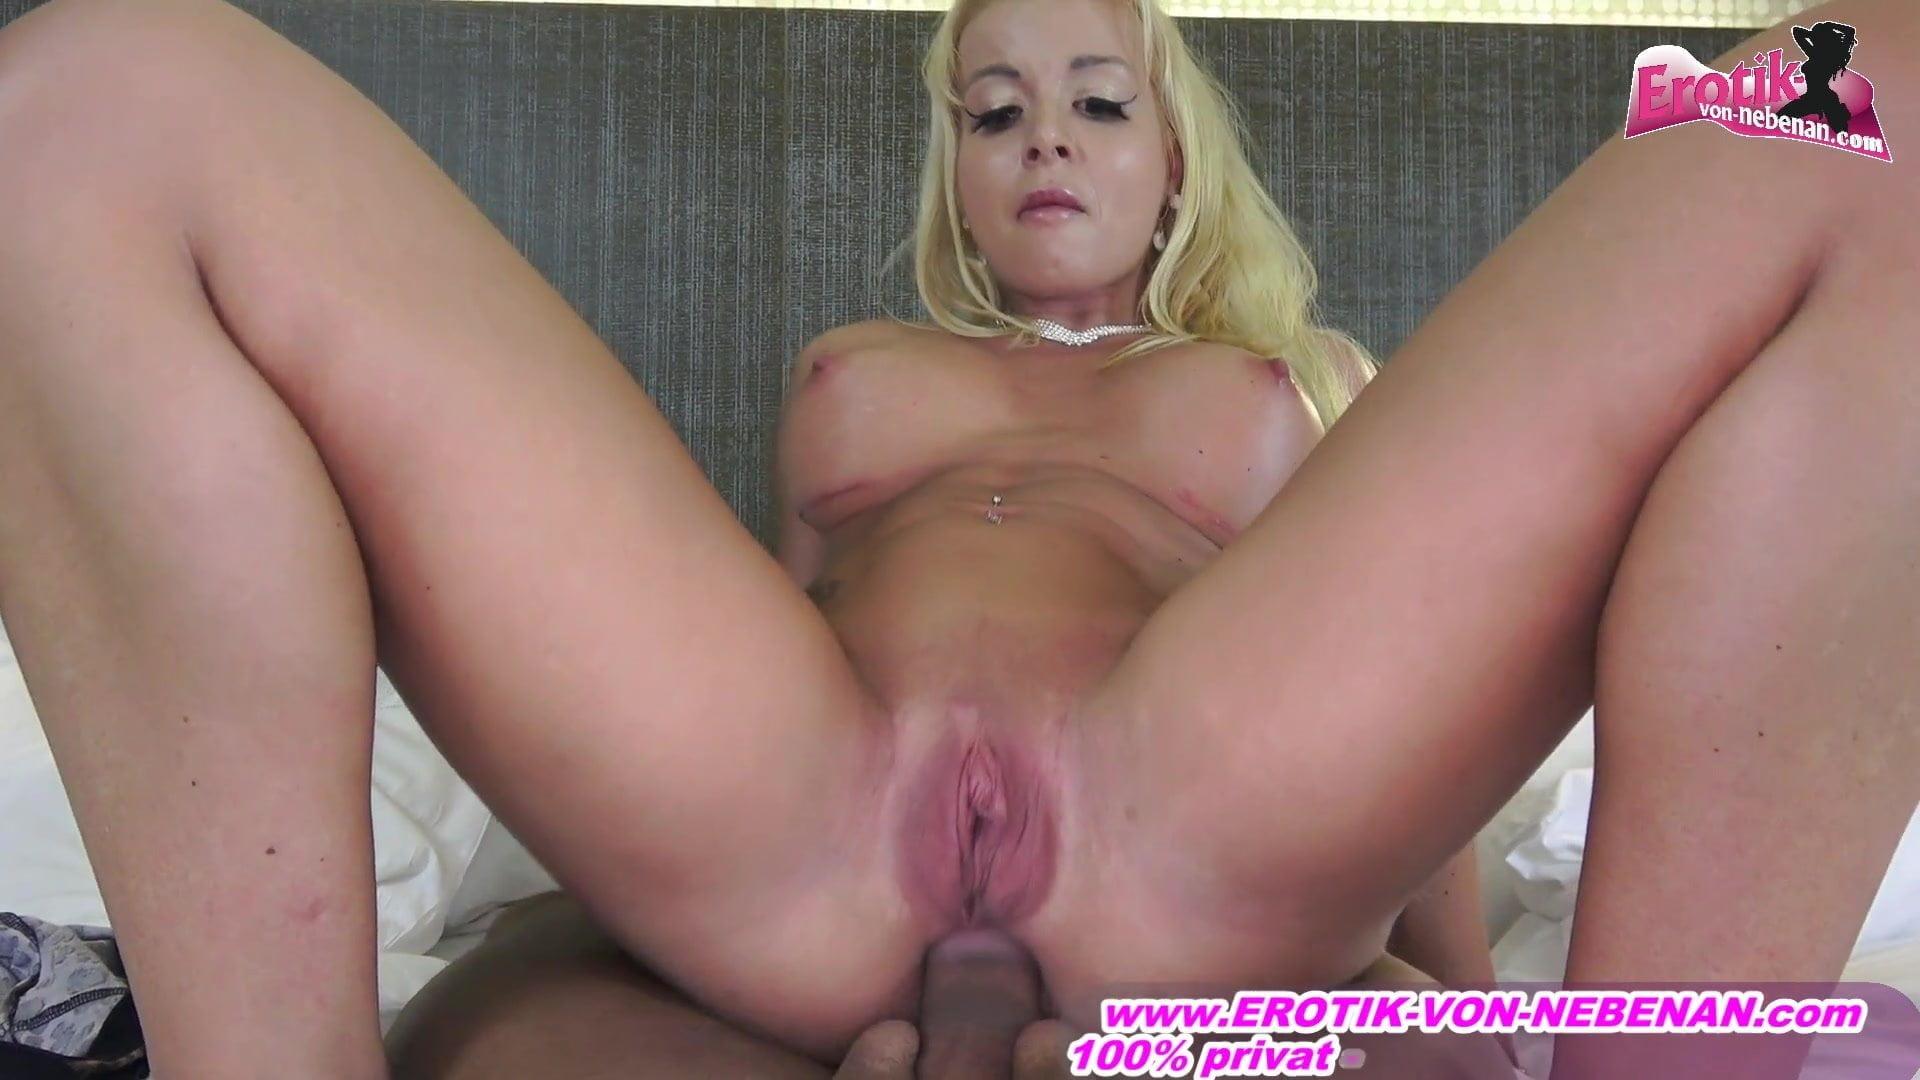 Deutsche Erotik Porno